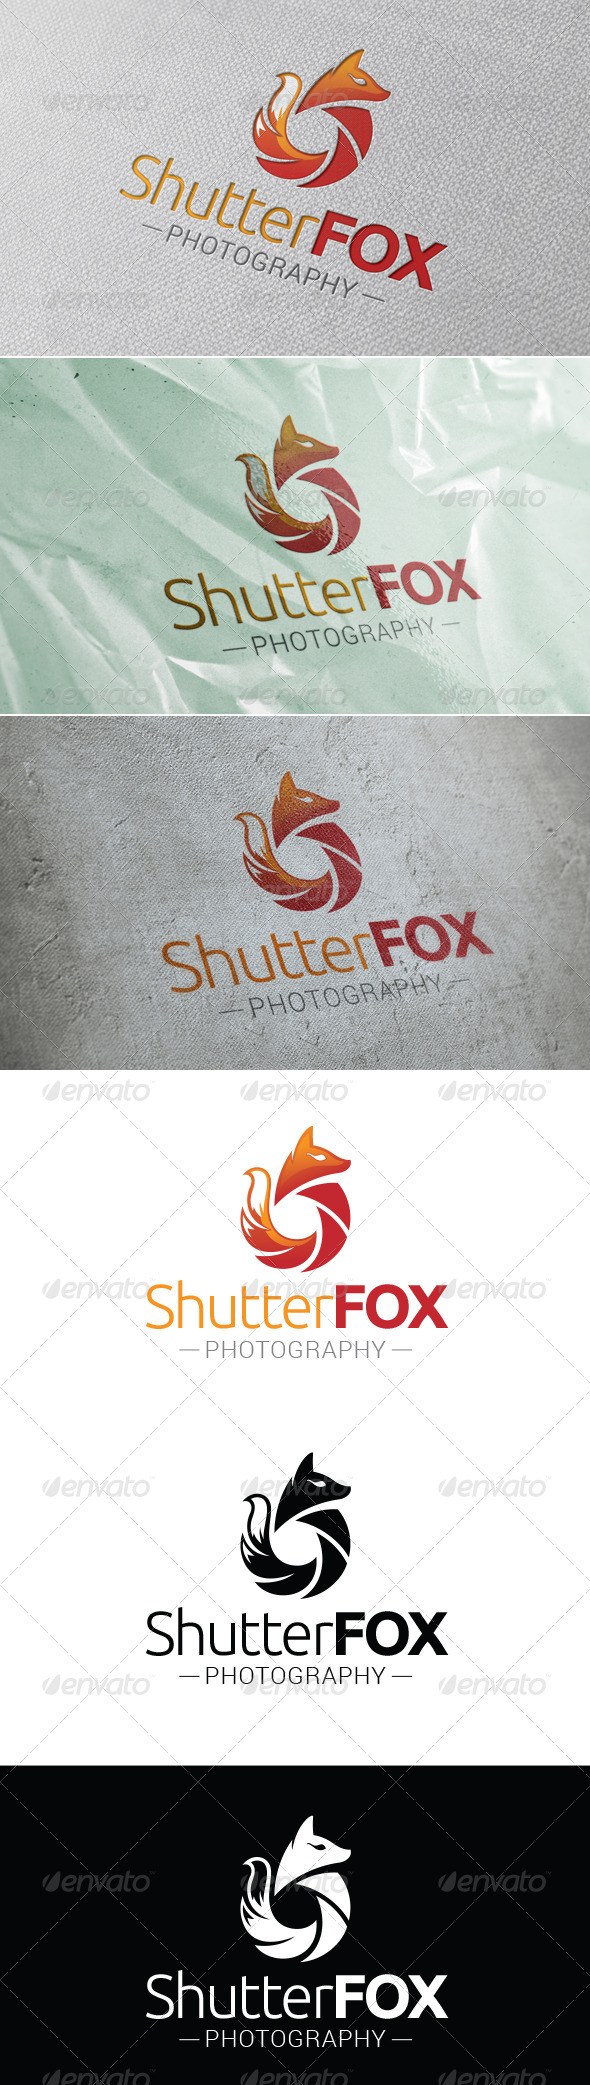 Shutter Fox Logo Template